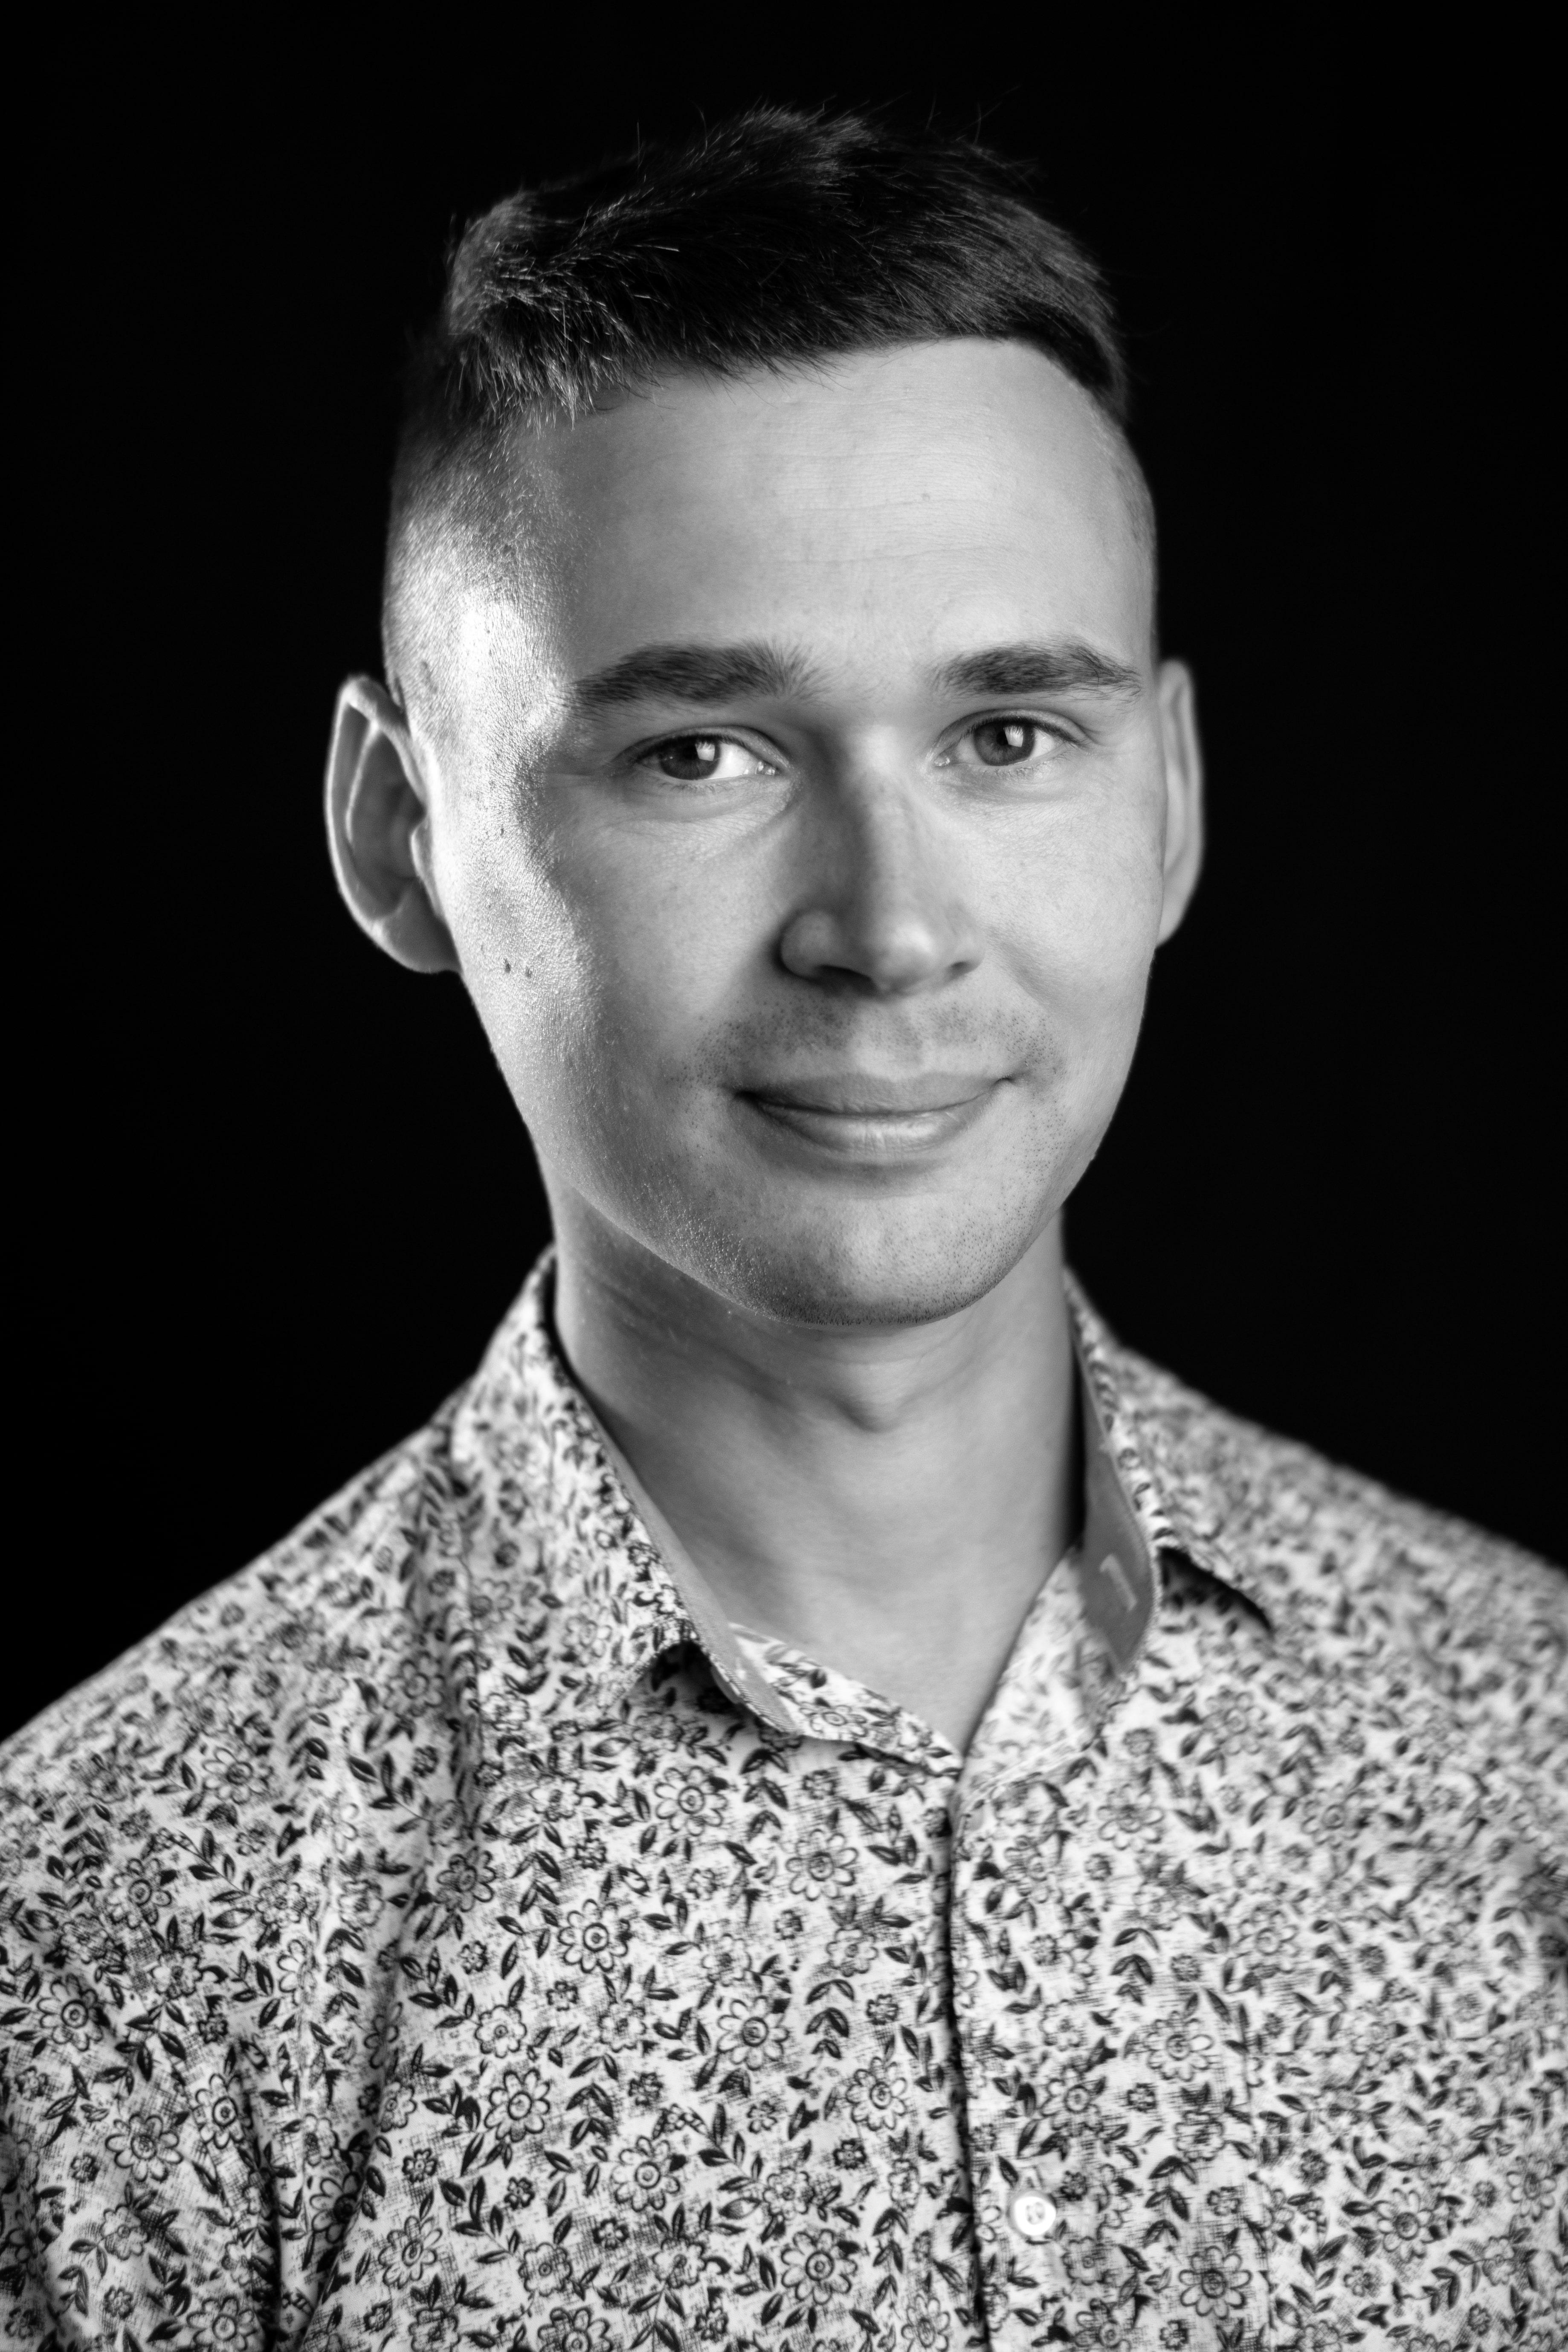 Philip Selivanov